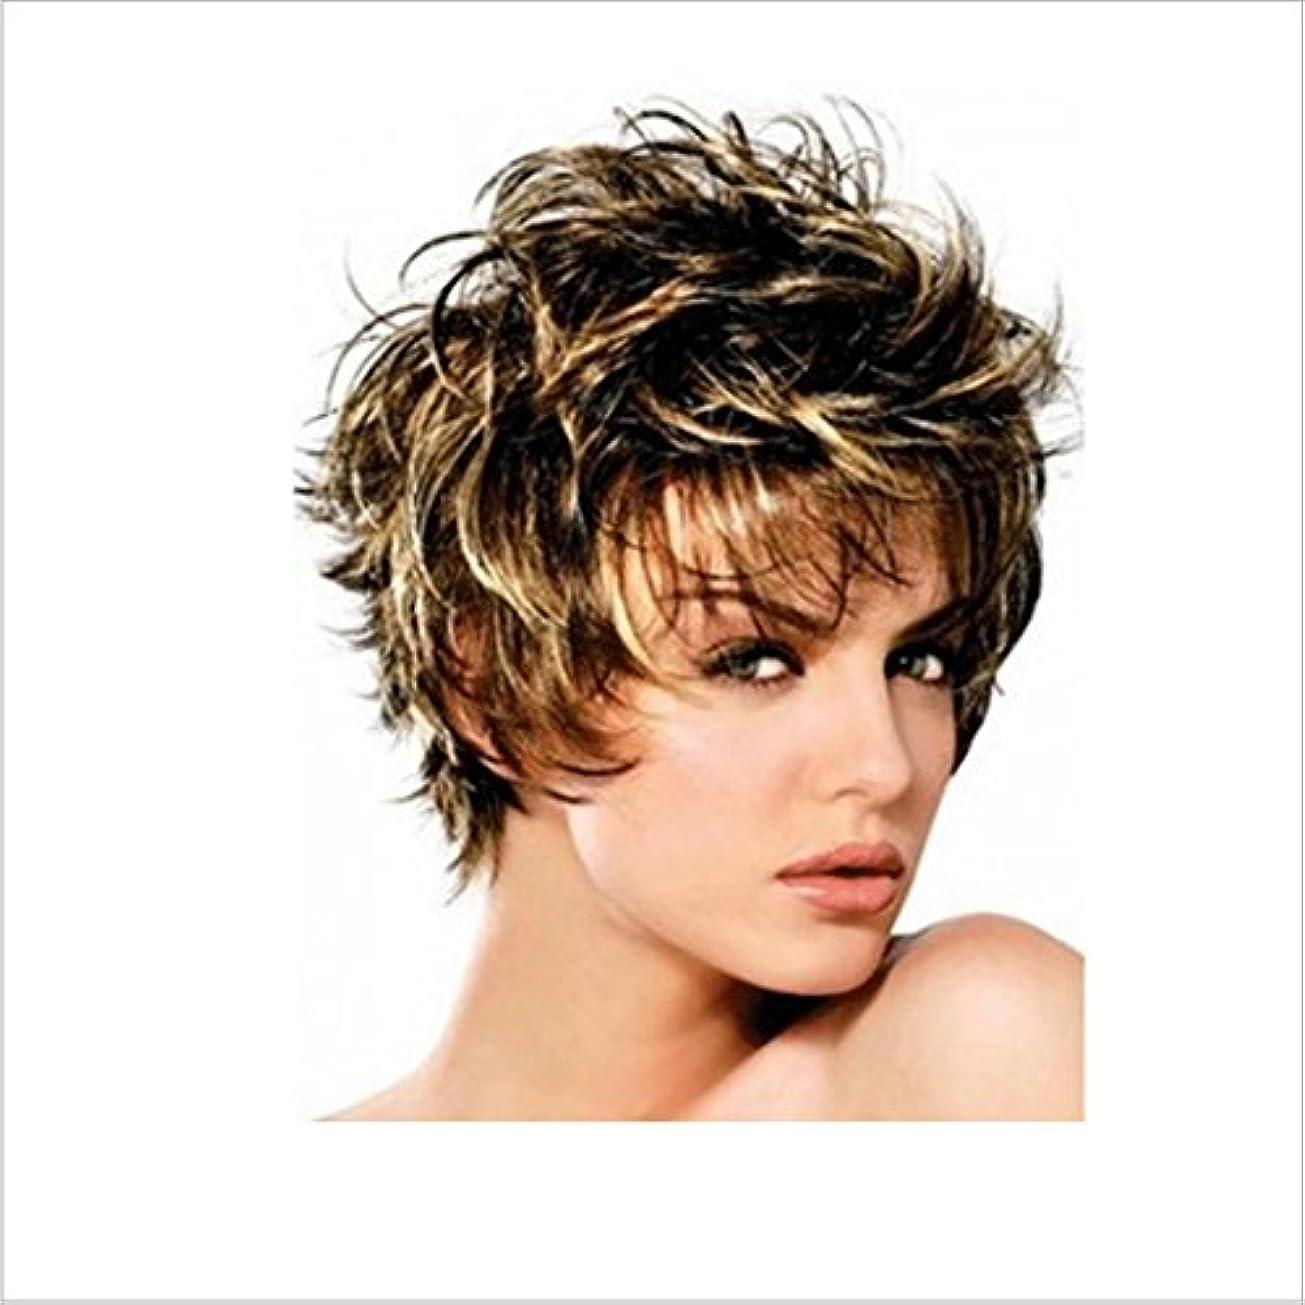 もちろんインシデントメッセージかつら ボボかつら女性用耐熱ウィッグ12インチ/ 9インチ短いテクスチャ部分的なかつら部分的なかつら前髪かつらファッションかつら (色 : Inter-color gold brown silver)